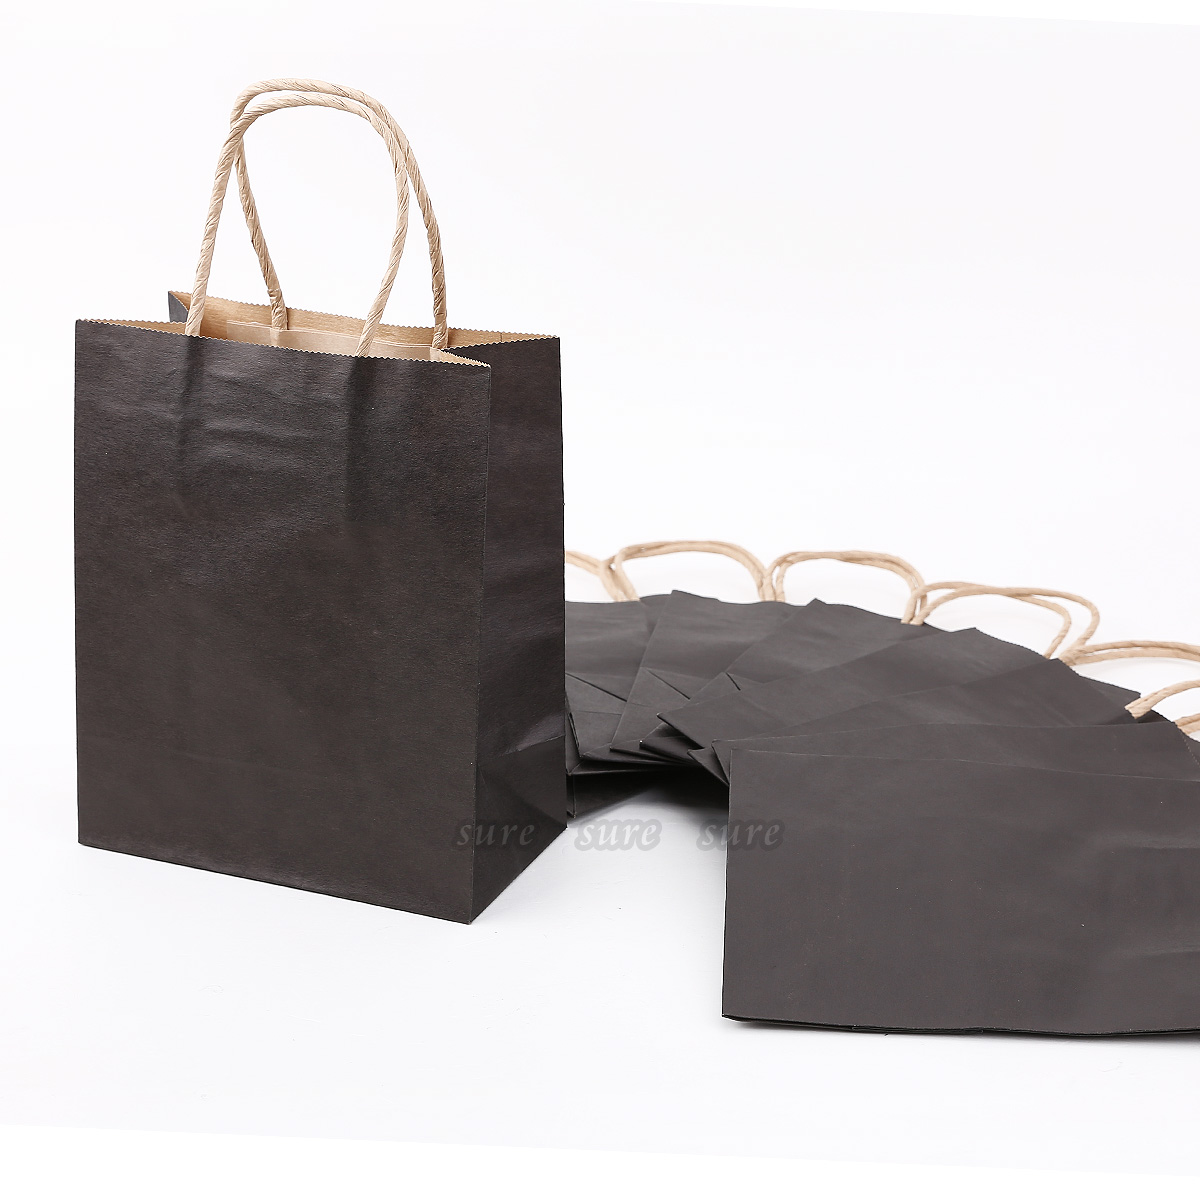 10 sac pour cadeau en papier kraft poignee torsadee 18x15x8cm sachet pochette. Black Bedroom Furniture Sets. Home Design Ideas